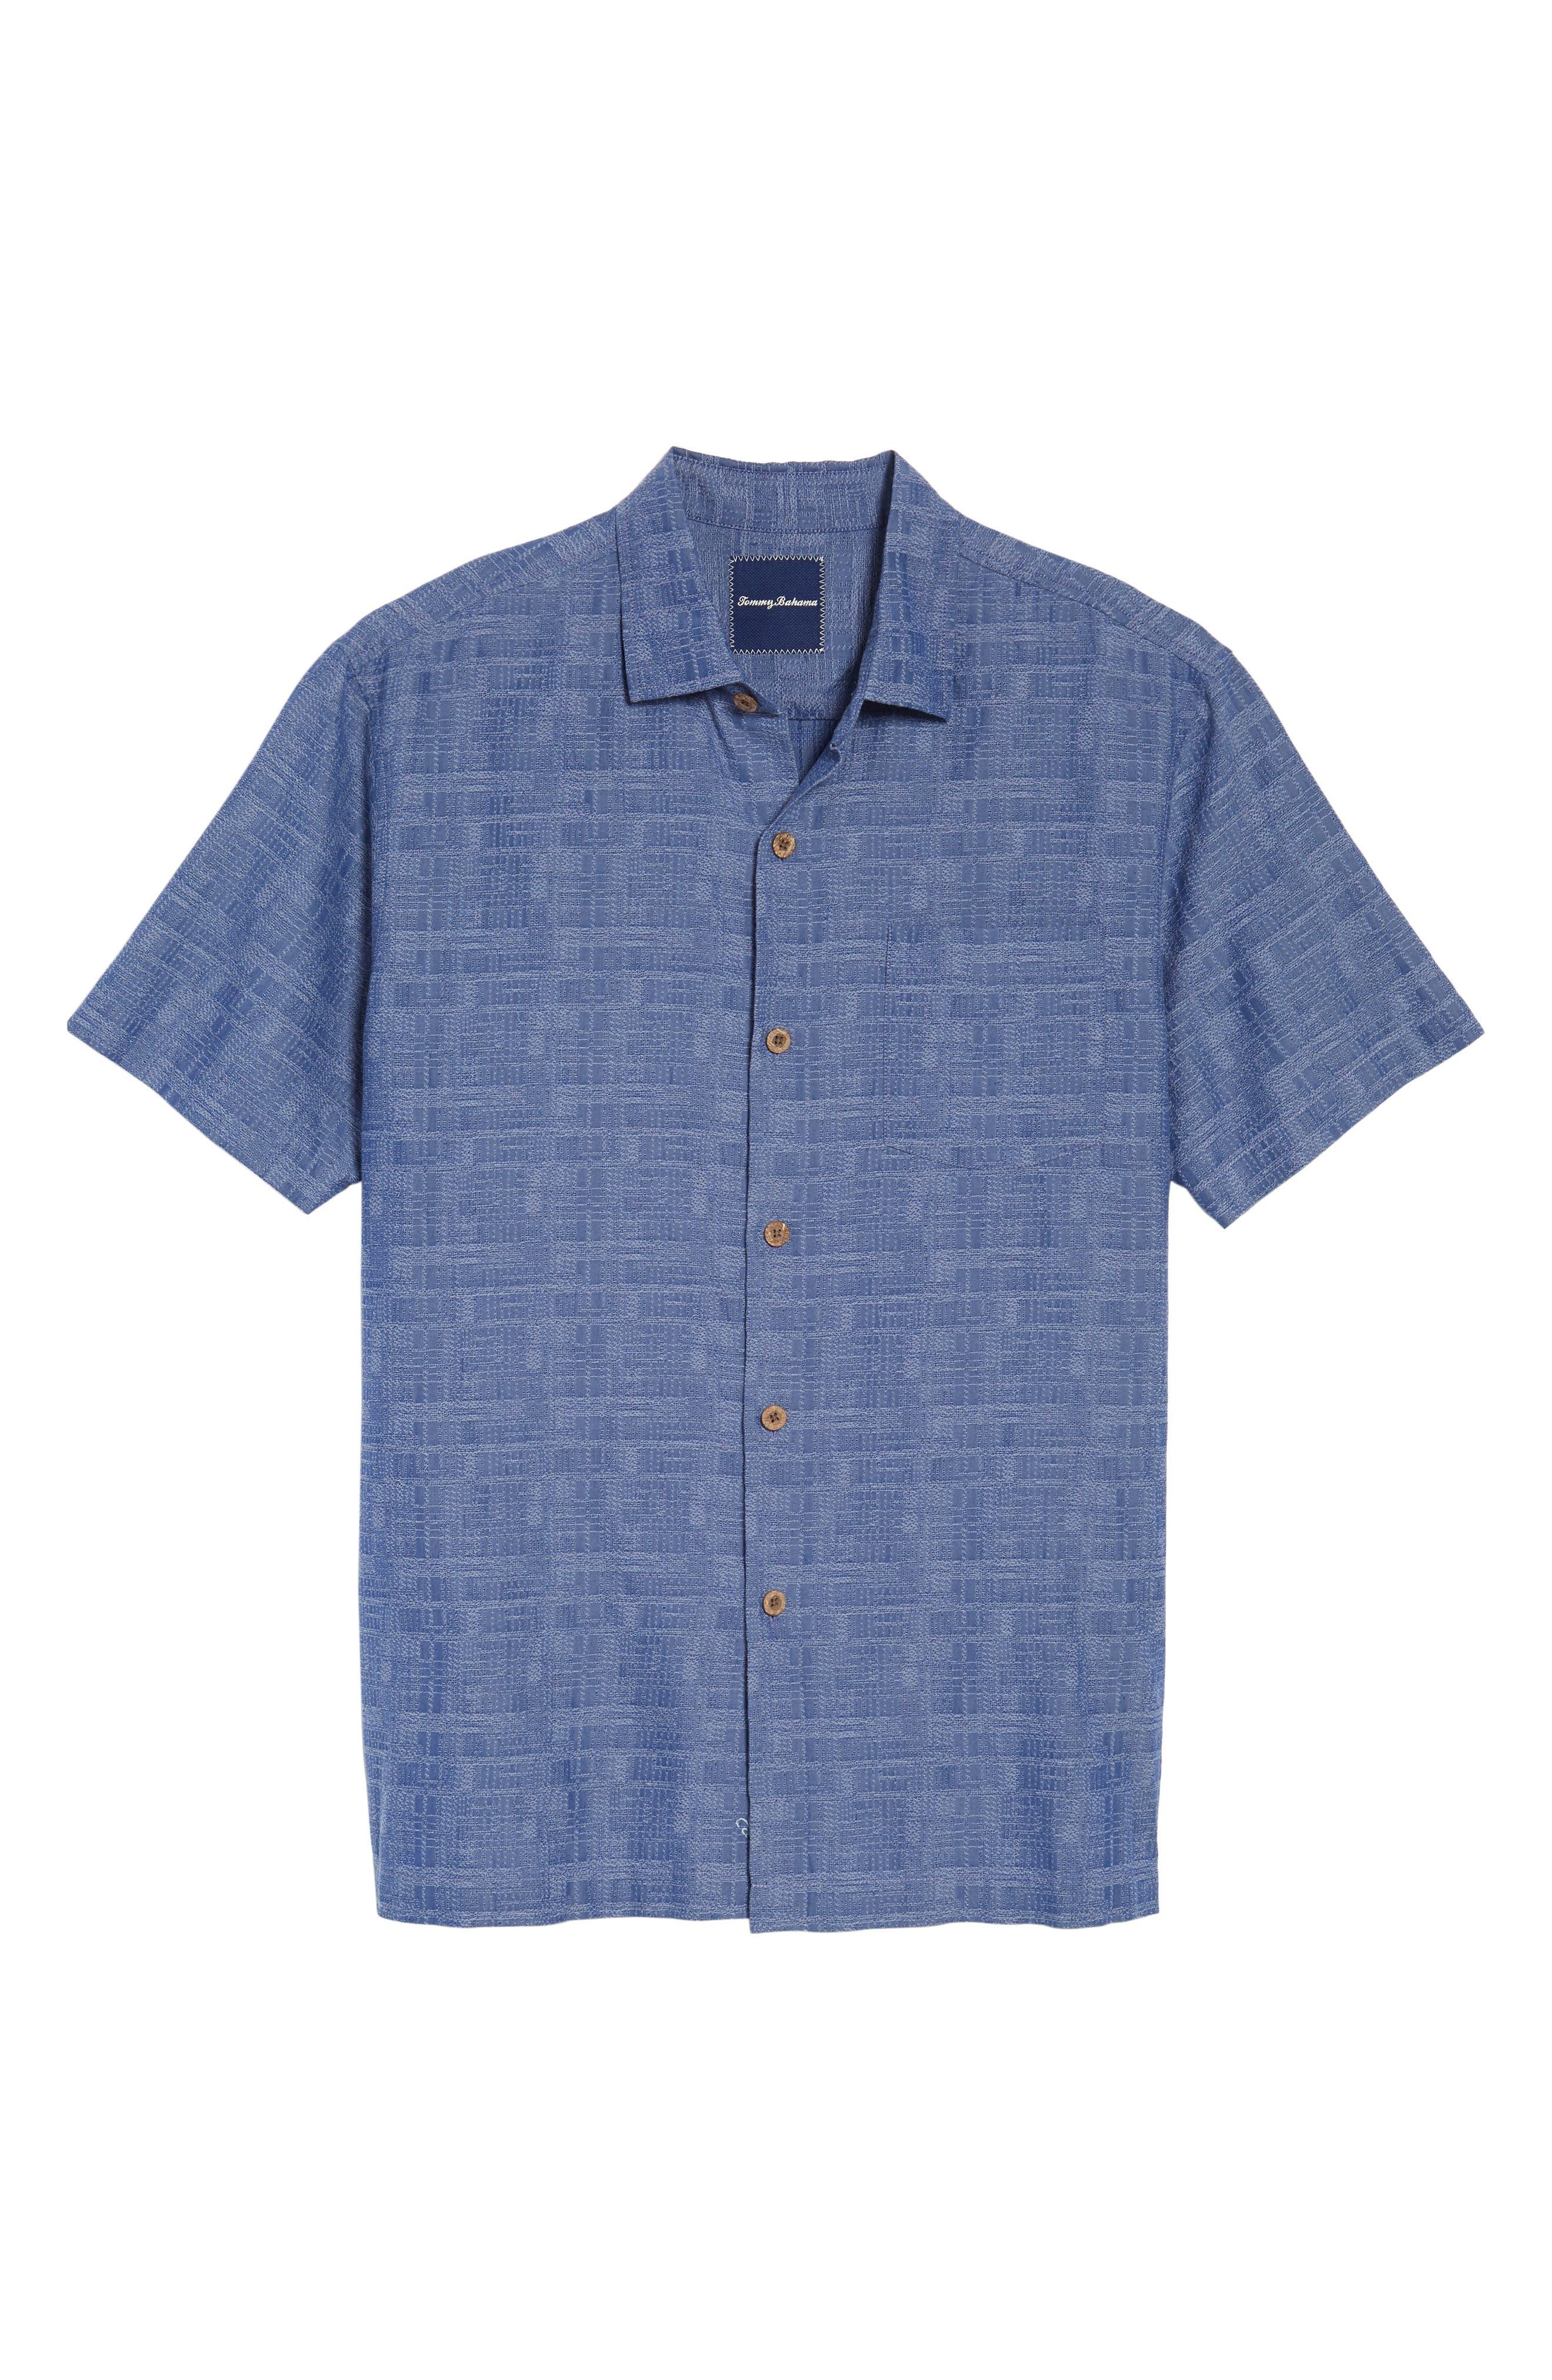 Oceanside Woven Shirt,                             Alternate thumbnail 6, color,                             Sanibel Blue